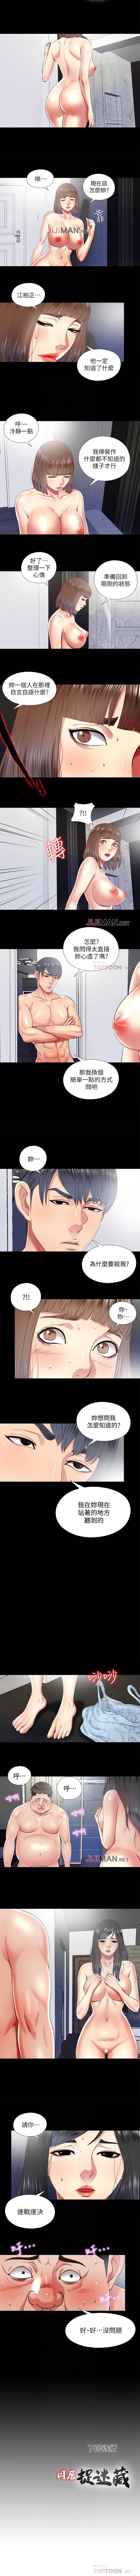 【已完结】同居捉迷藏(作者:林巨星) 第1~30话 106